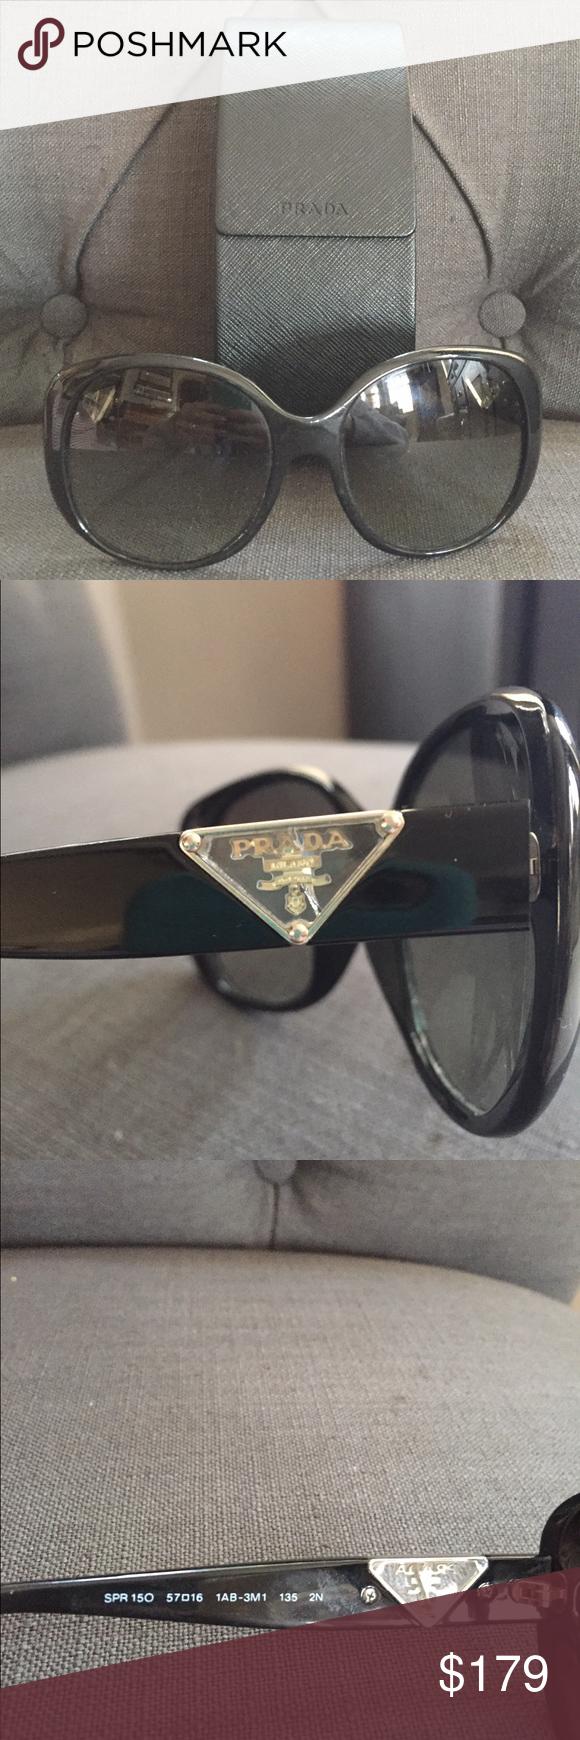 7ea7ac8eaf ... where can i buy used 100 authentic prada sunglasses awesome 100  authentic used prada oversized sunglasses